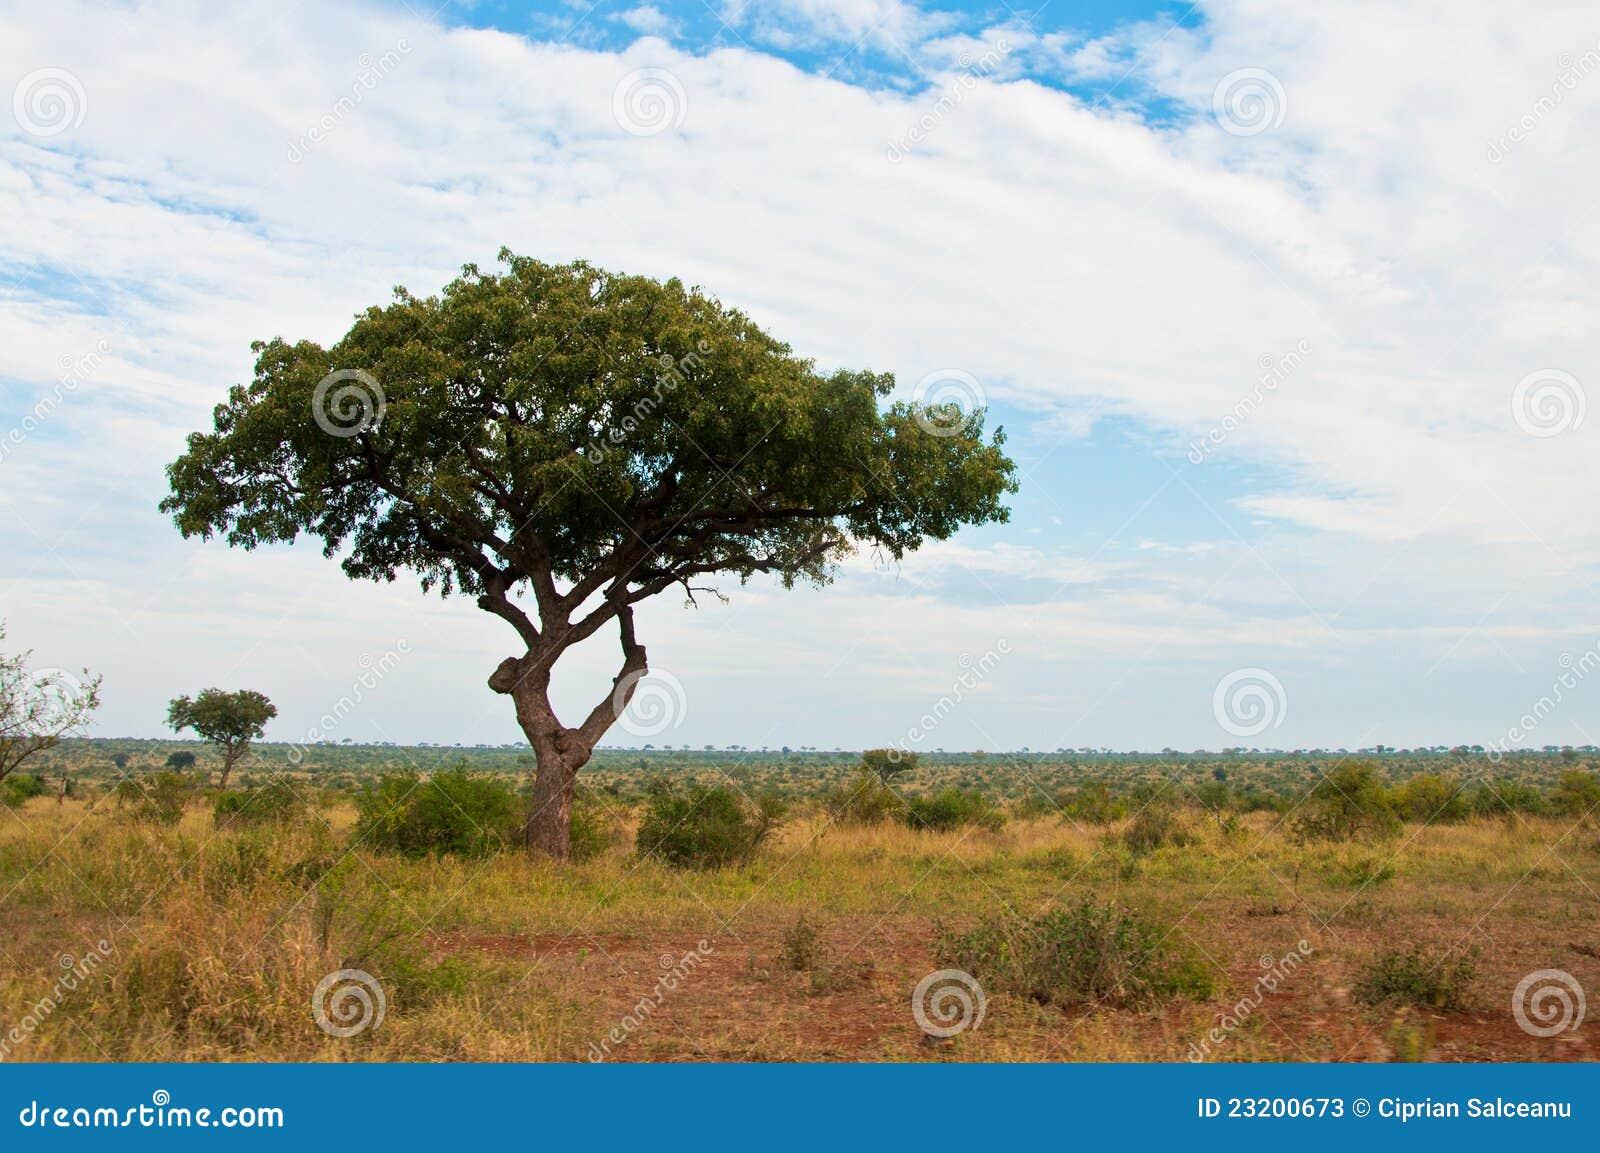 Arbre africain de wth d 39 horizontal de la savane photos stock image 23200673 - Arbre africain en 7 lettres ...